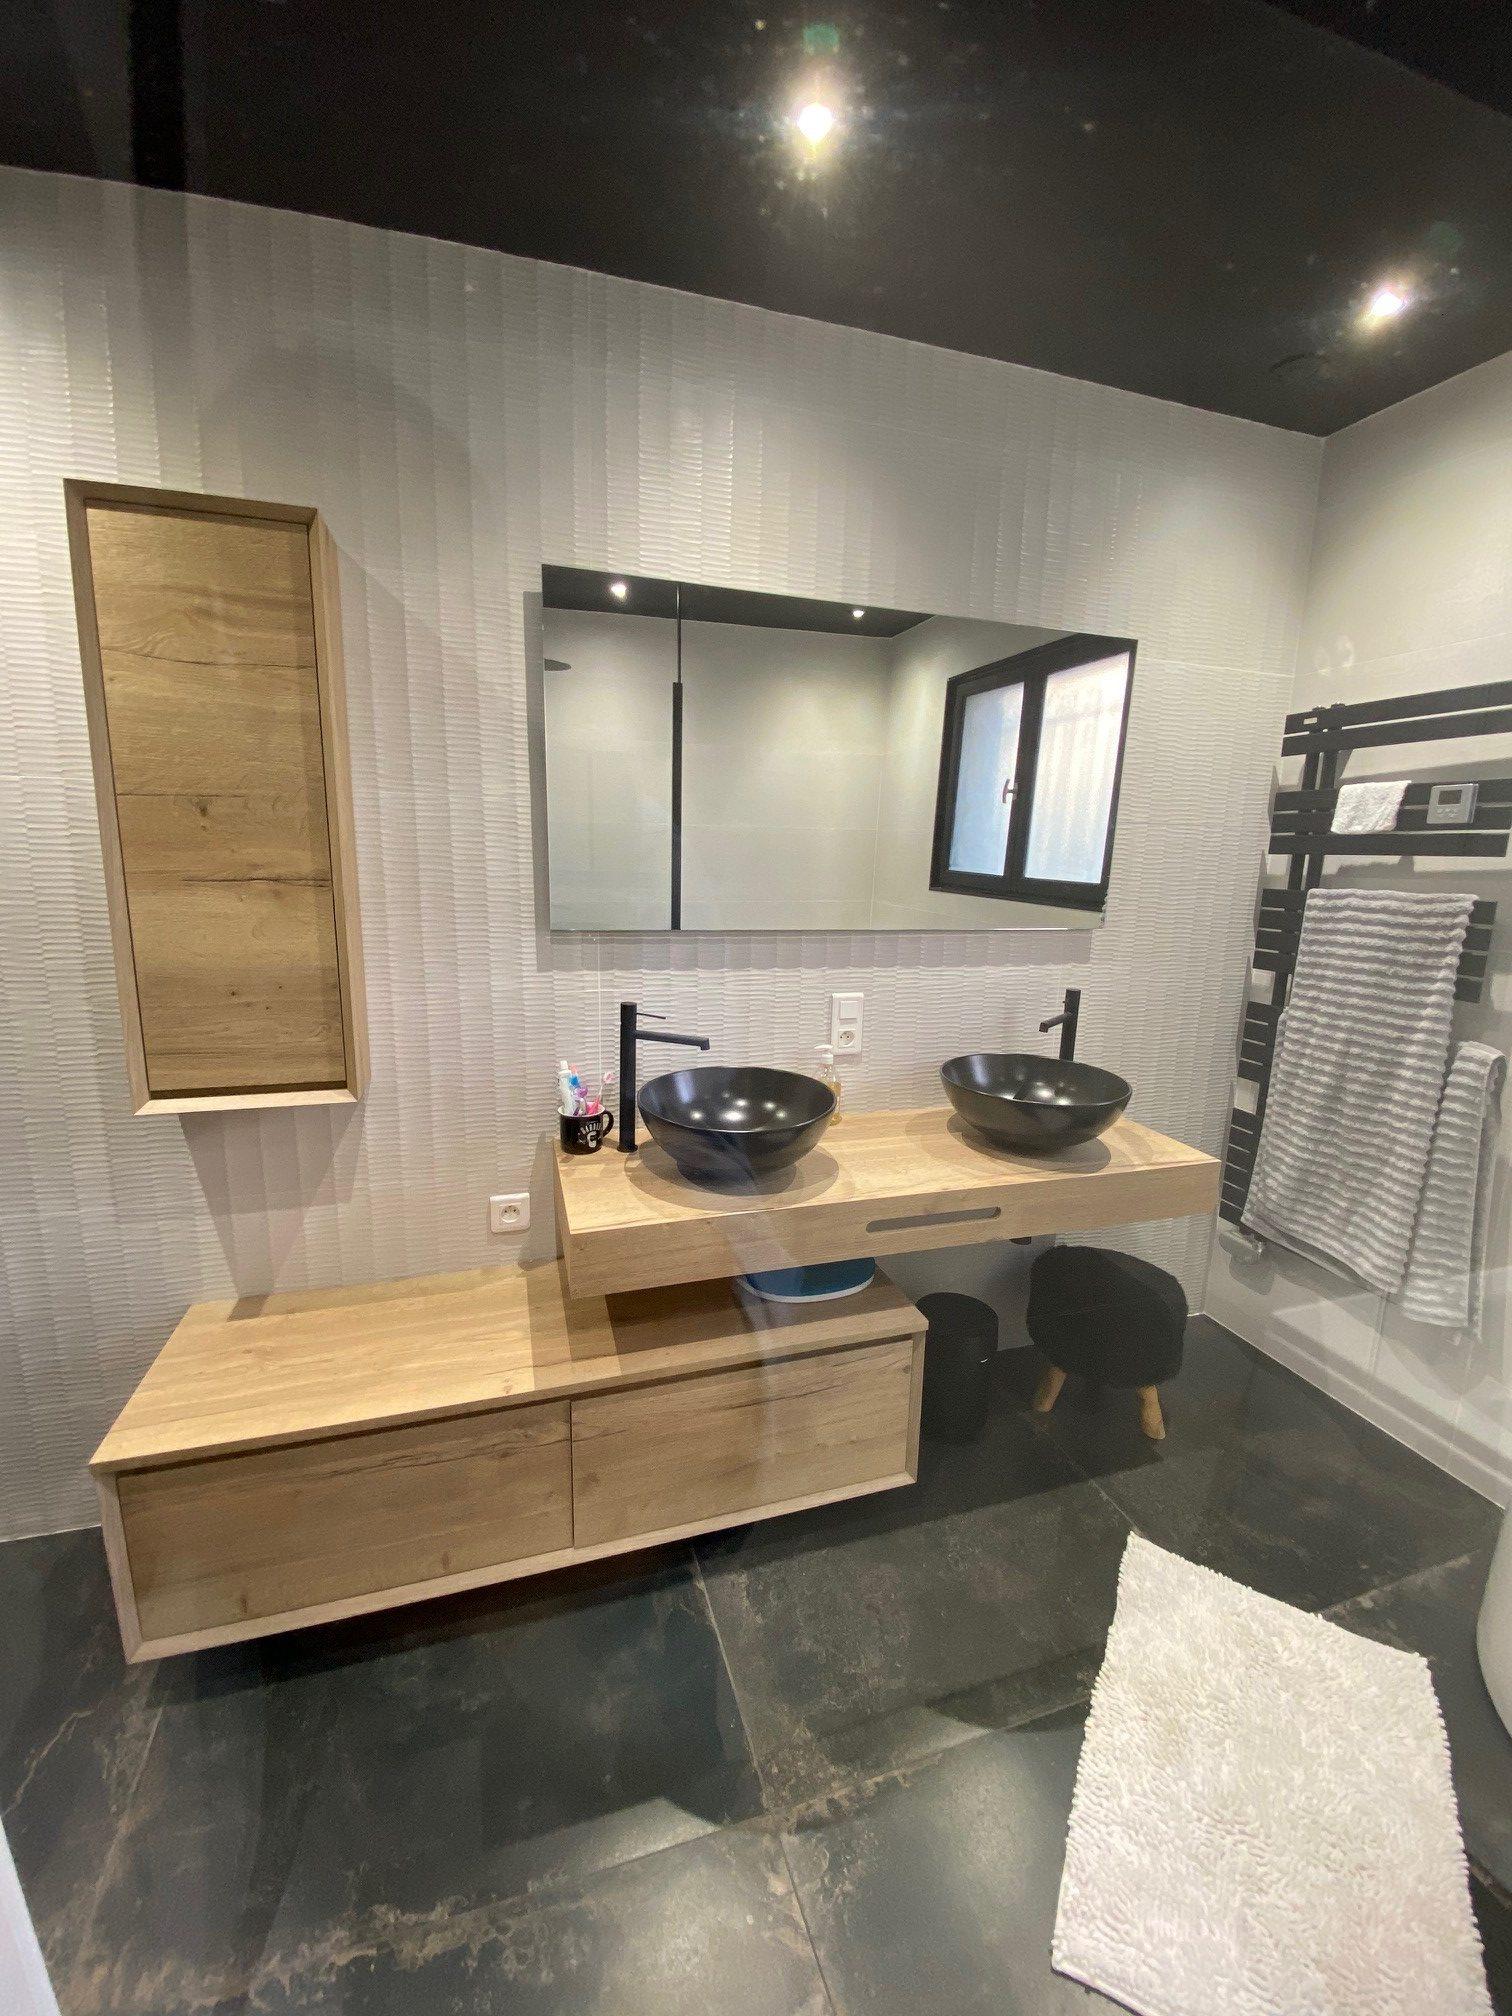 meuble en décalé, vasques et robinetterie en noires